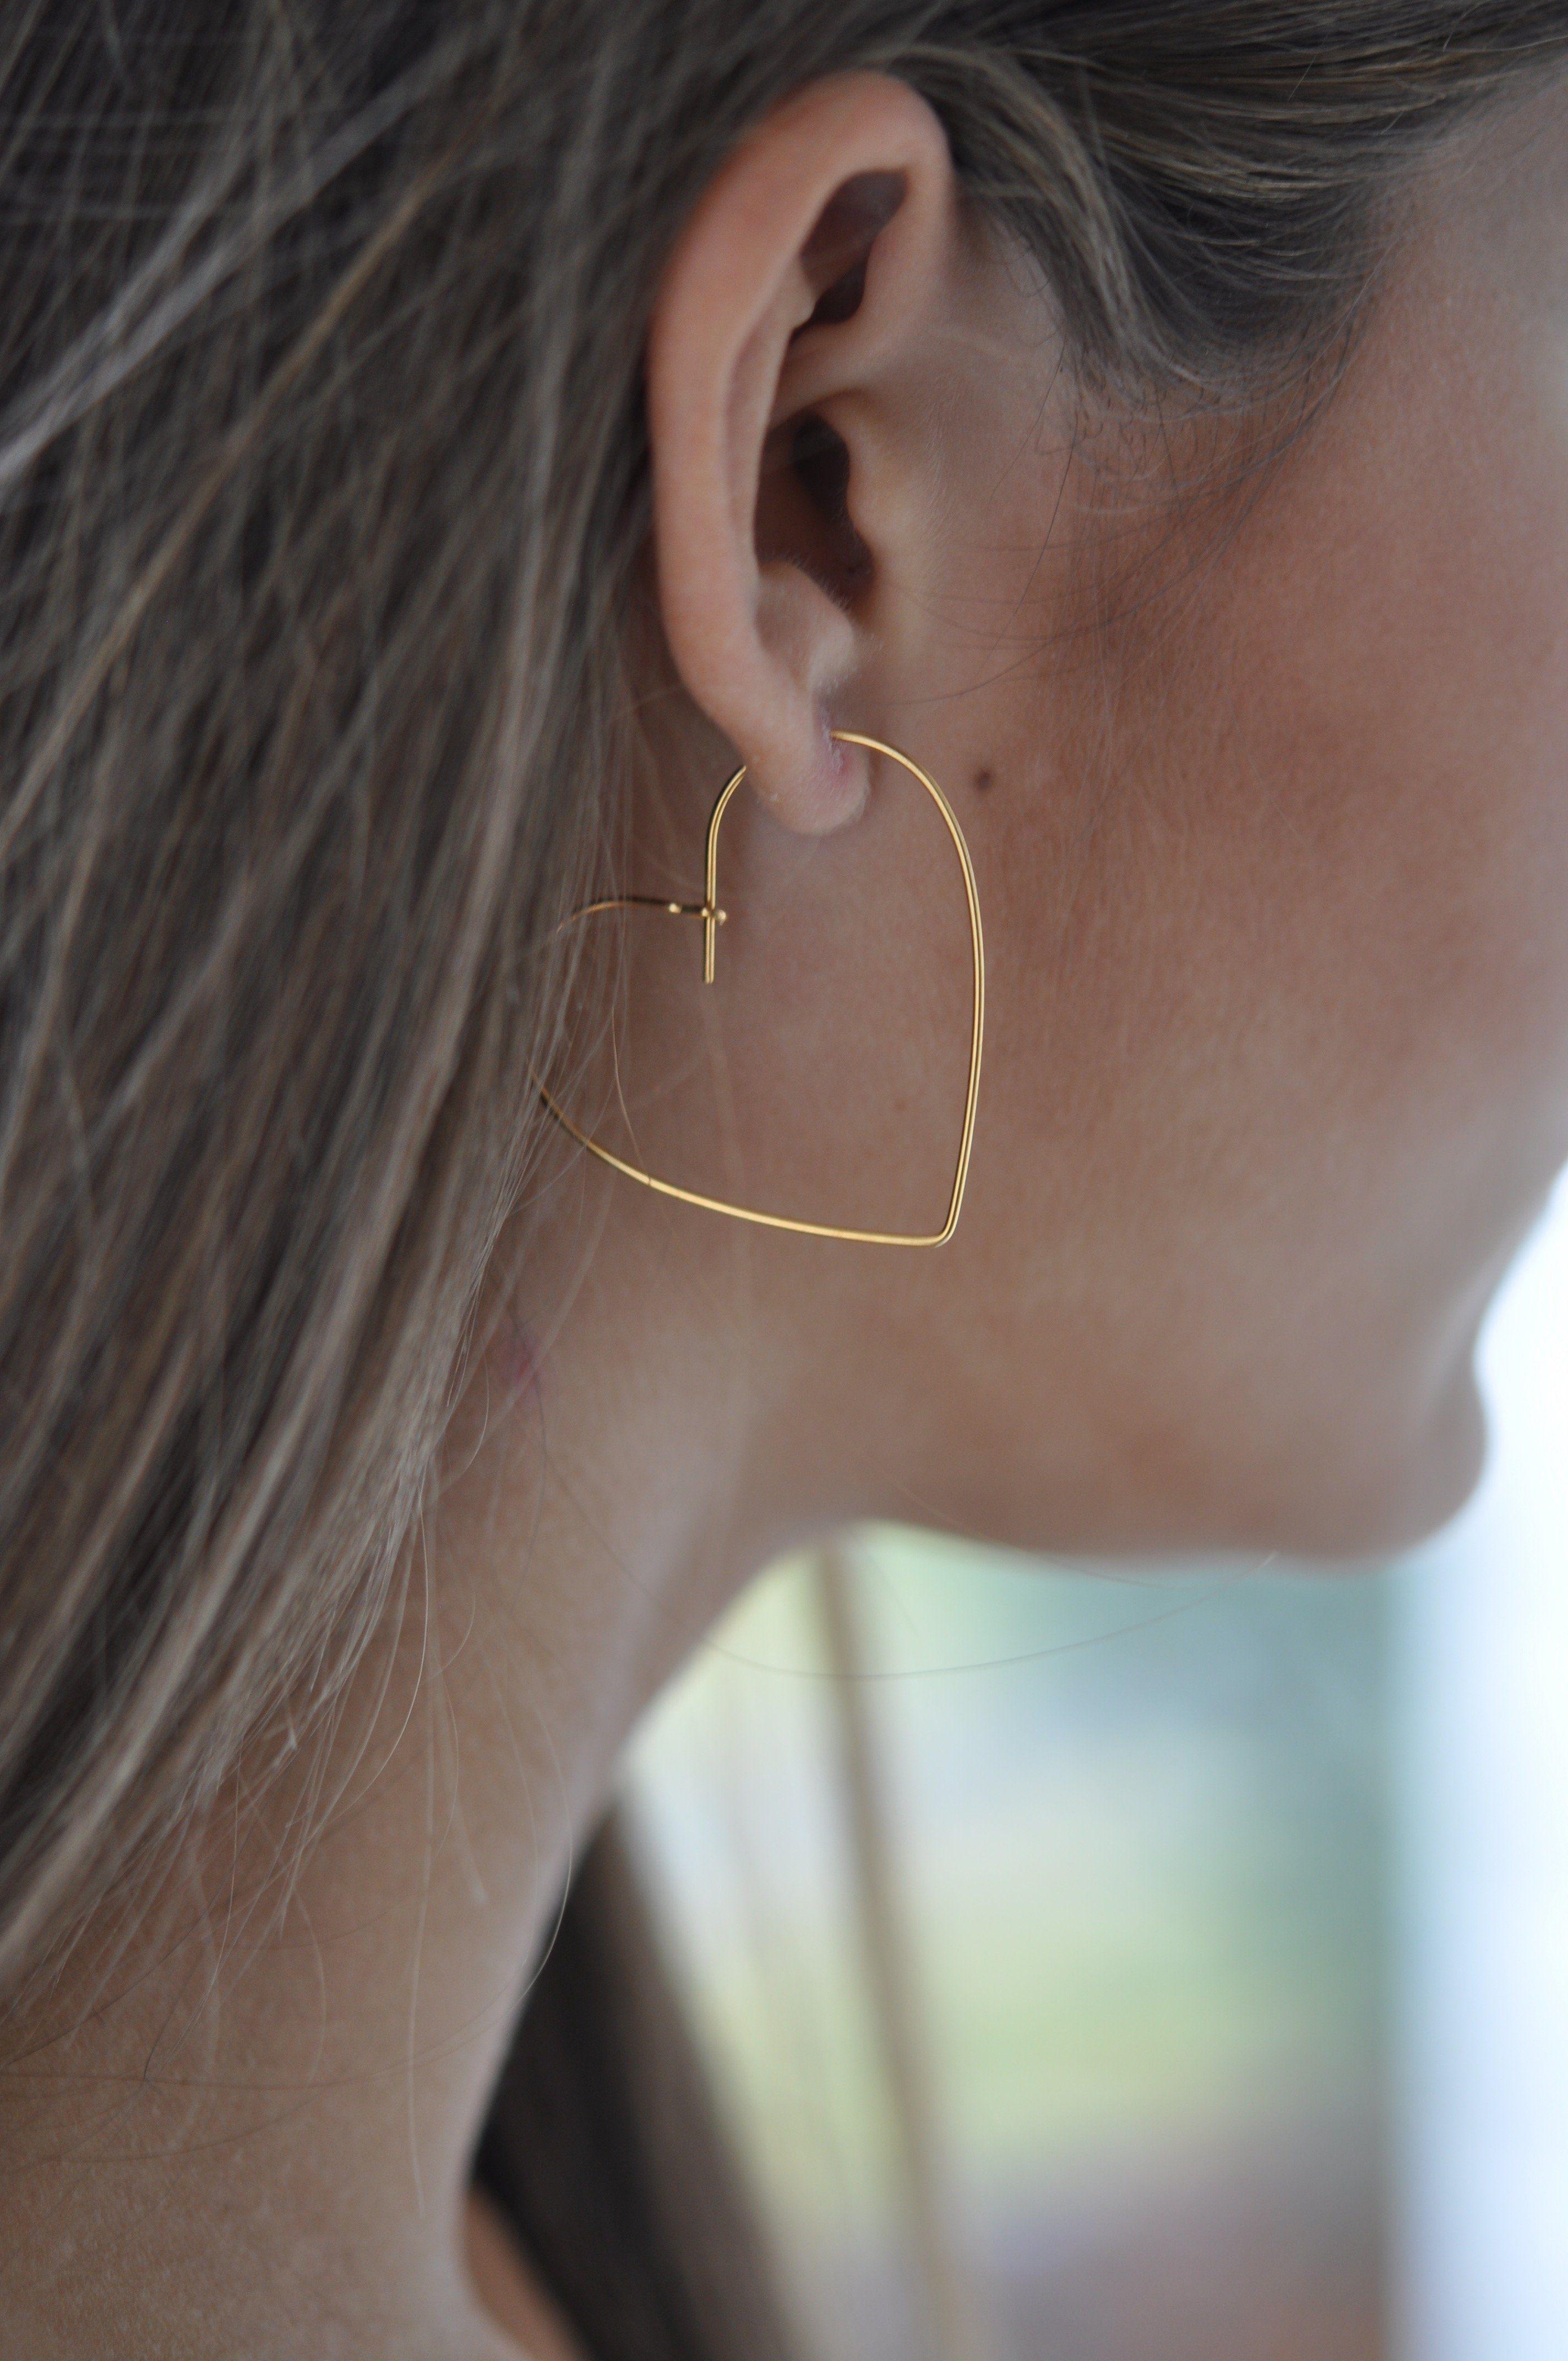 Heart shaped hoop earrings jewlery pinterest earrings jewelry